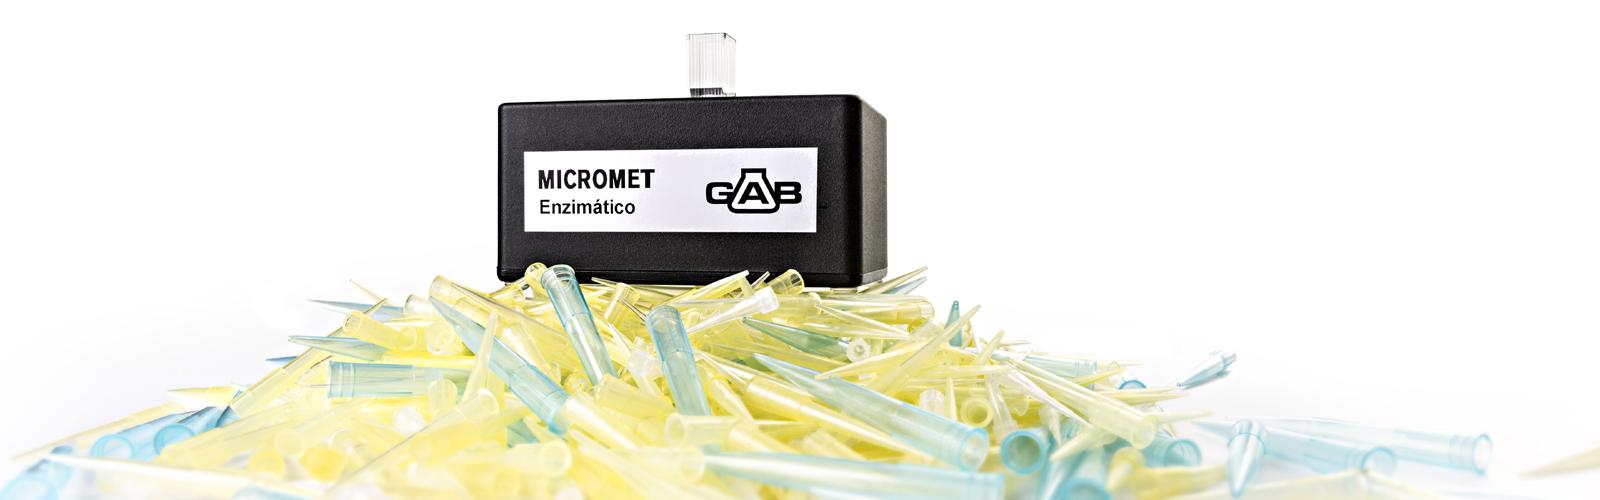 Micromet enzimático GAB